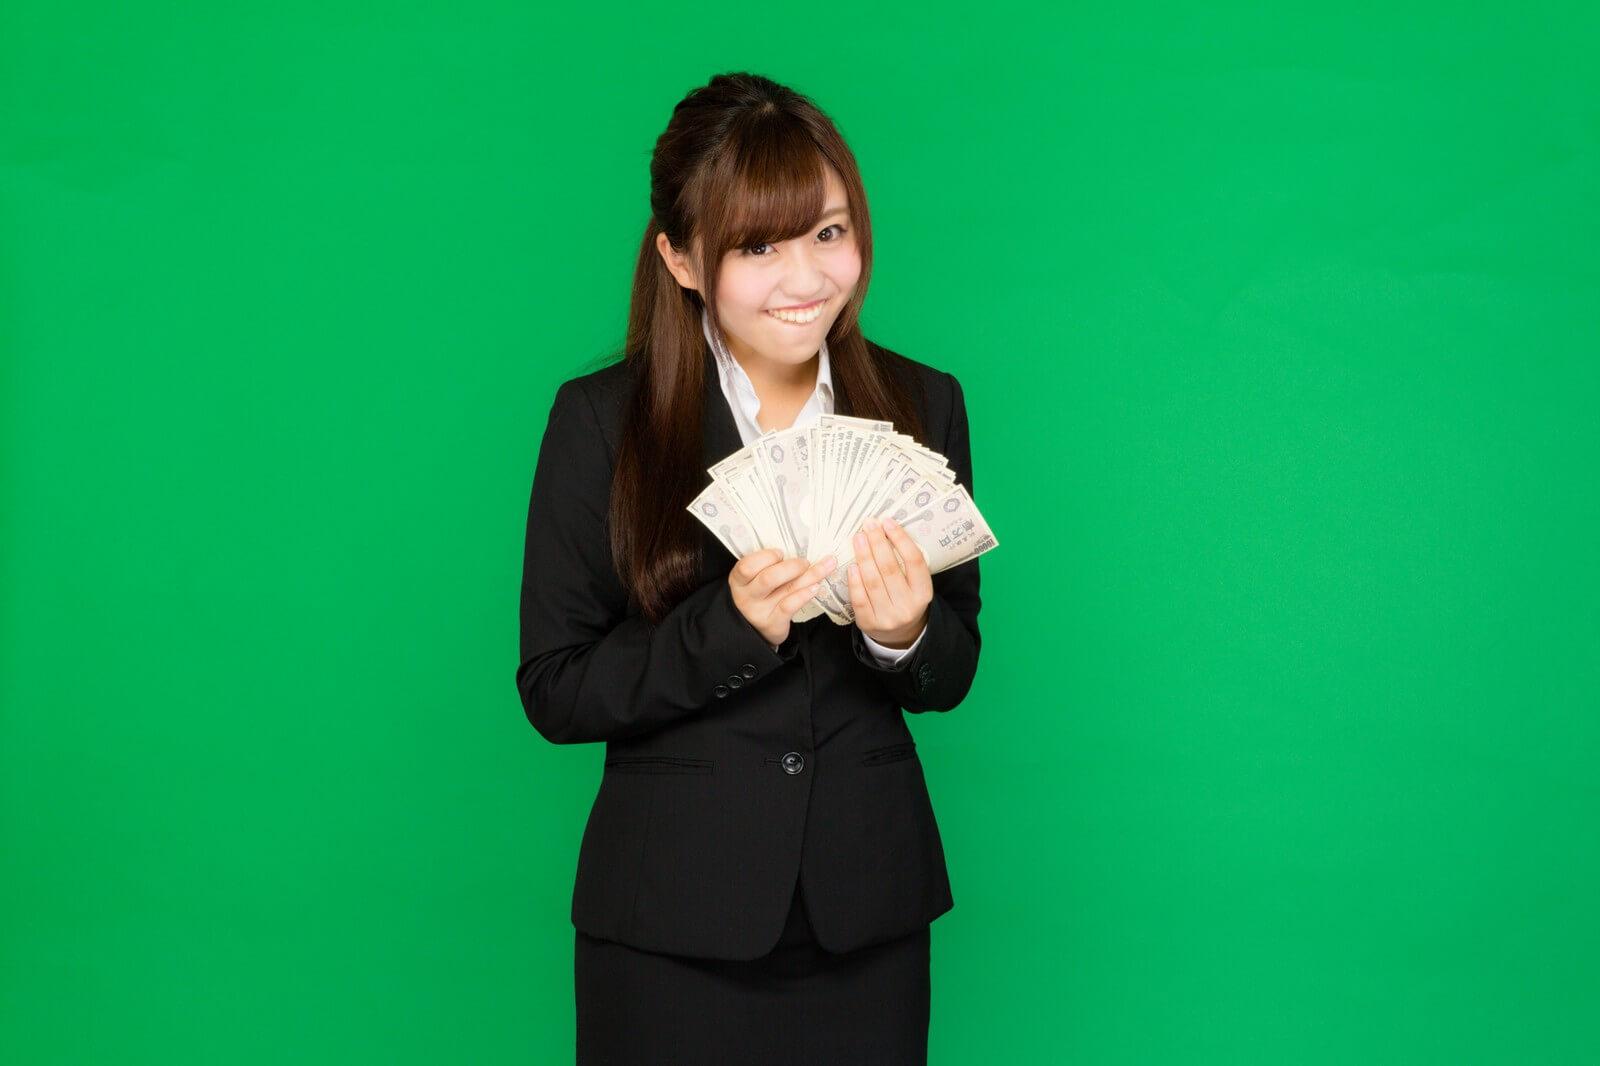 【紙幣刷新】諭吉→栄一、一葉→梅子、英世→柴三郎に!